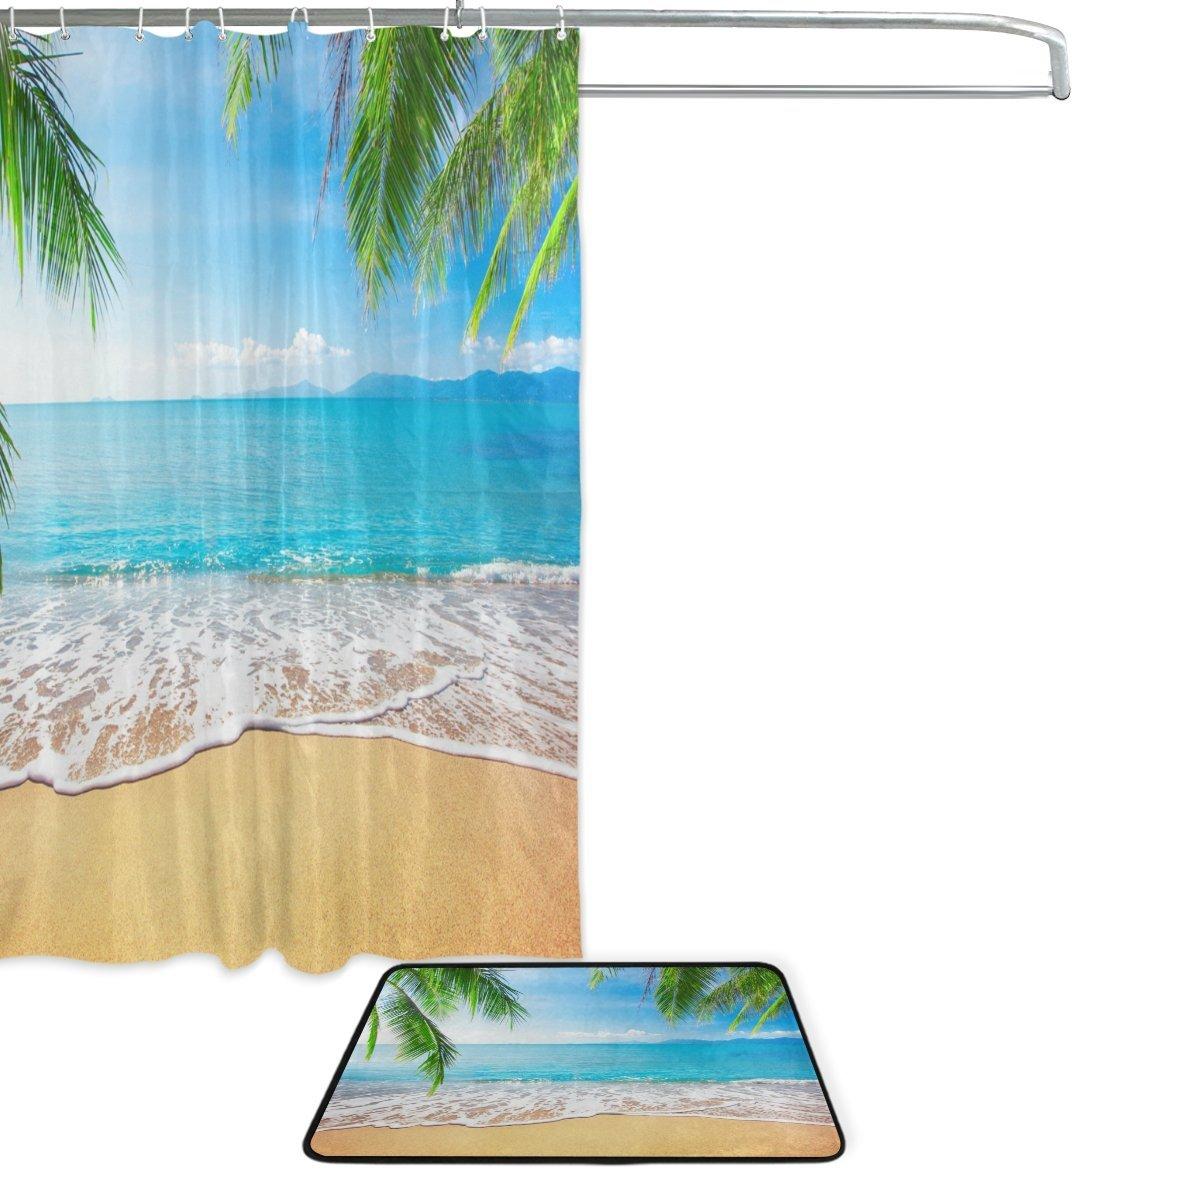 Garden Curtains Tropical Sea Beach Palm Tree Shower Curtain